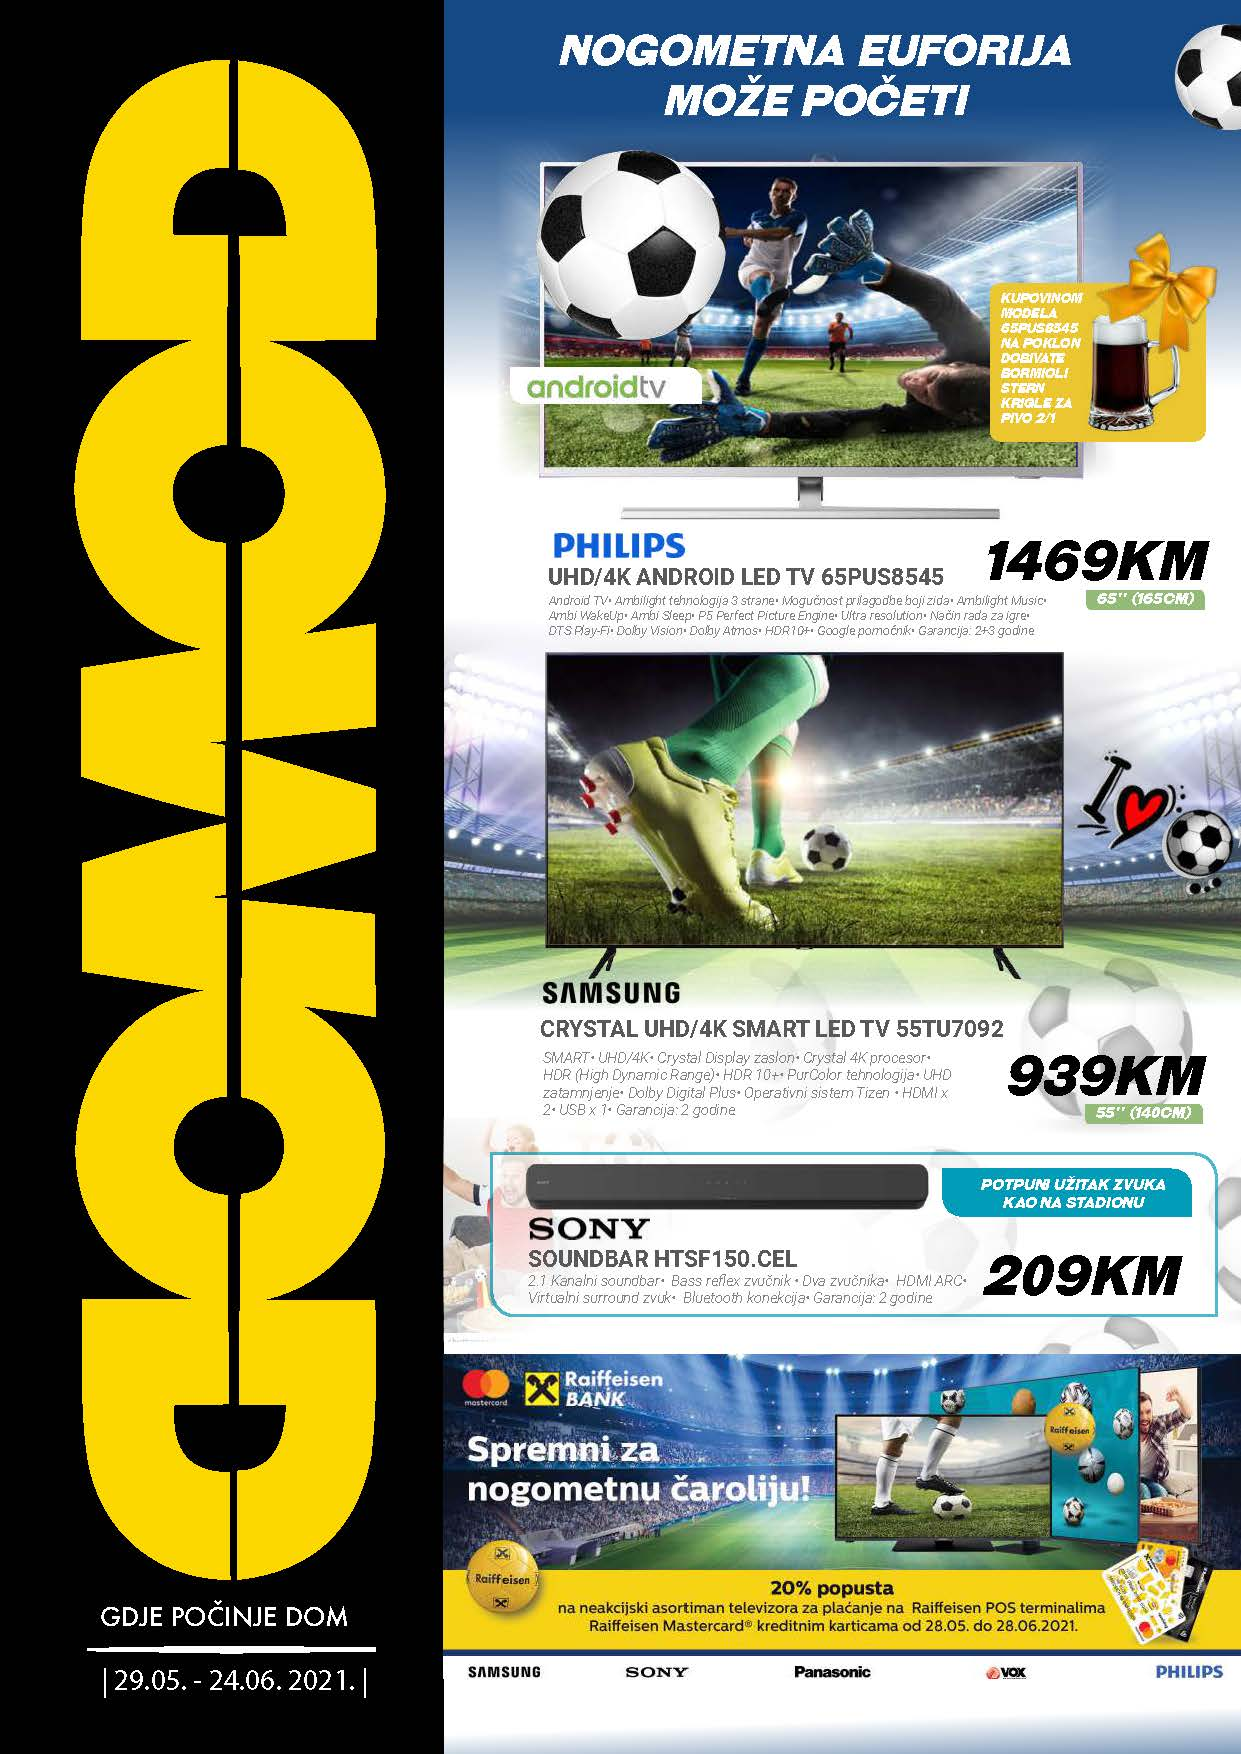 DOMOD Katalog Akcija JUN 2021 29.05.2021. 24.06.2021. eKatalozi.com PR Page 01 1